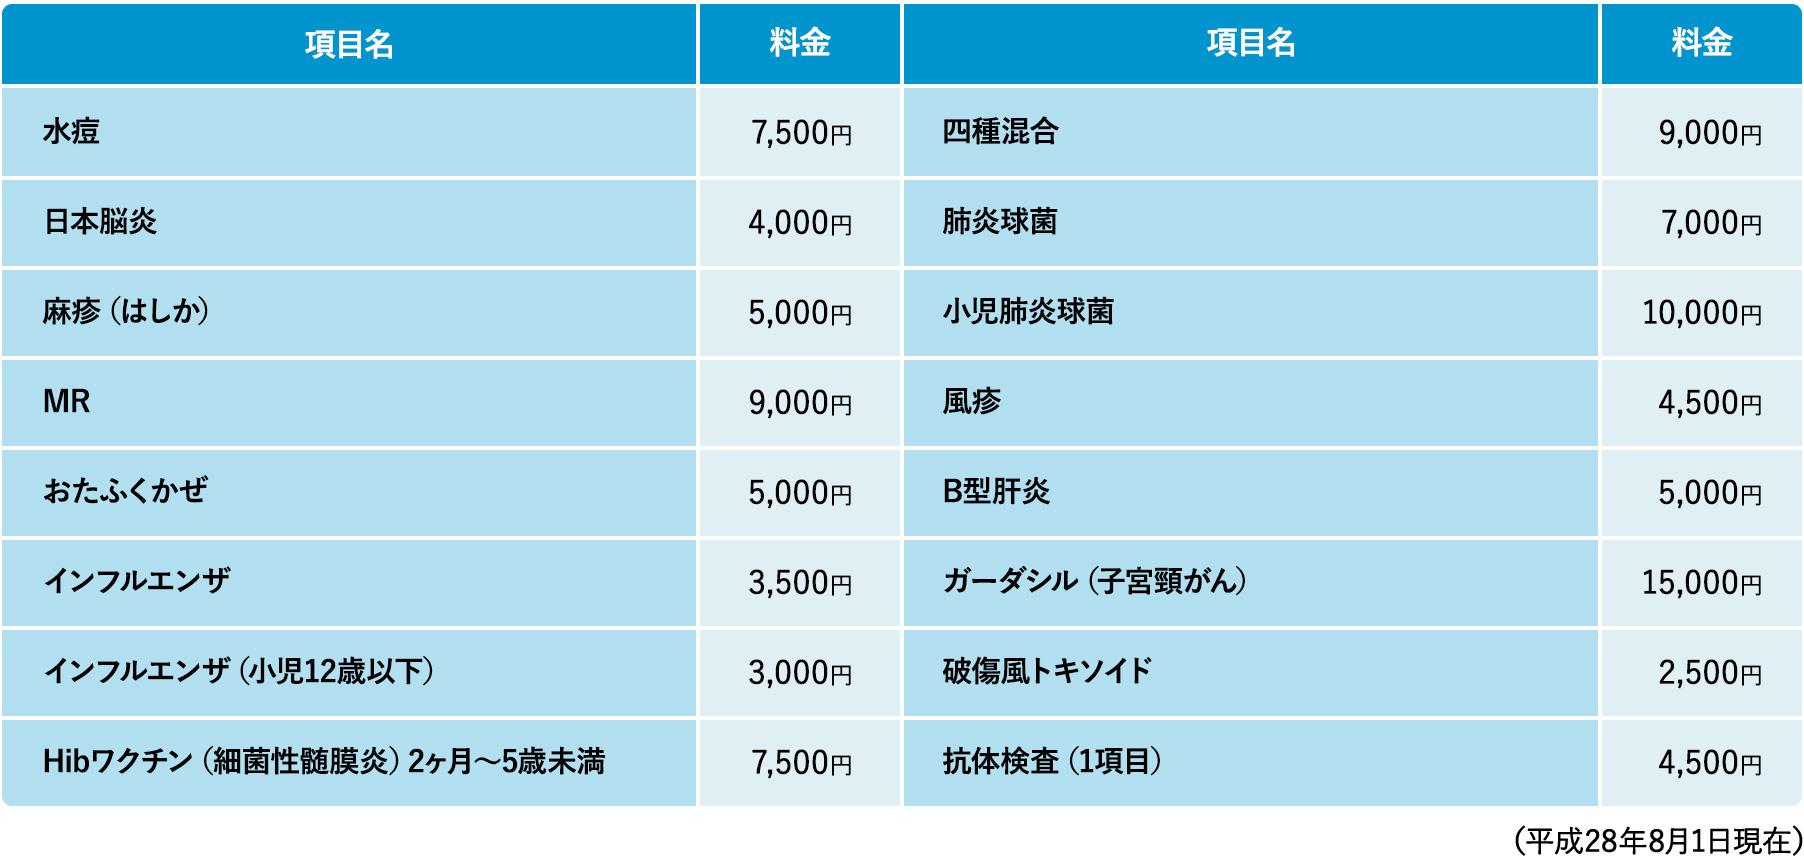 各種予防接種料金表